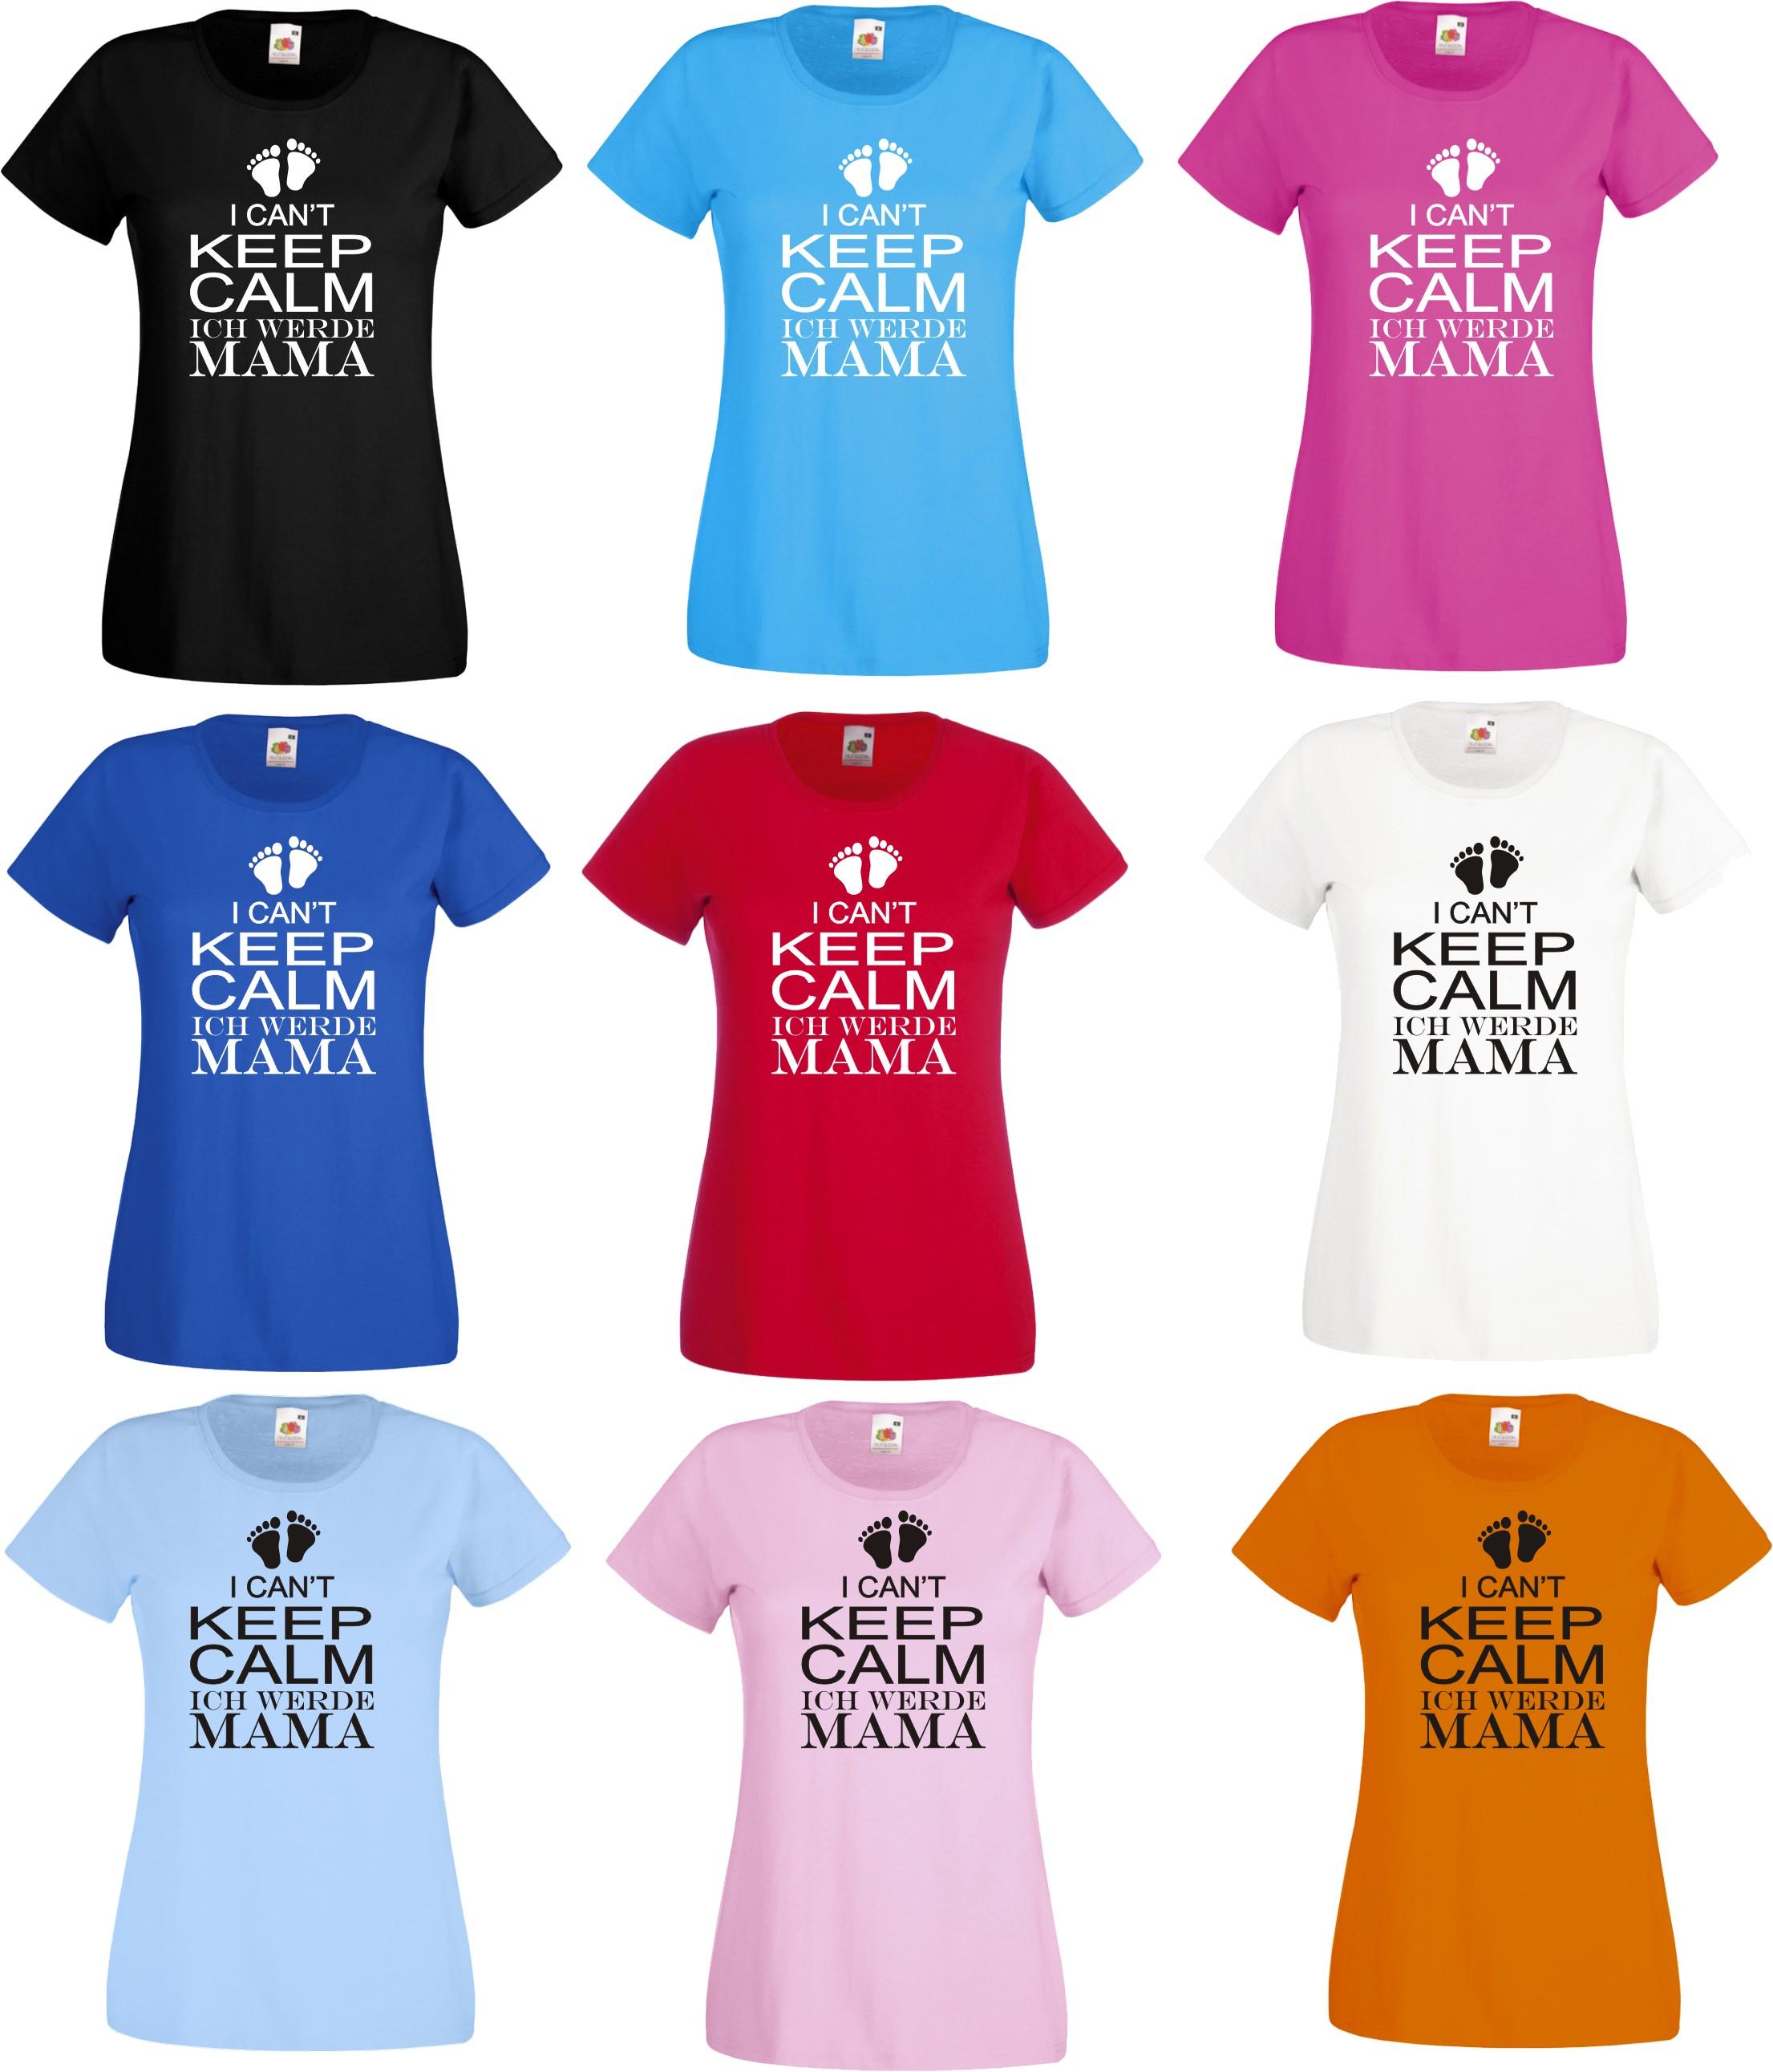 keep_calm_mama_alle_farben.jpg